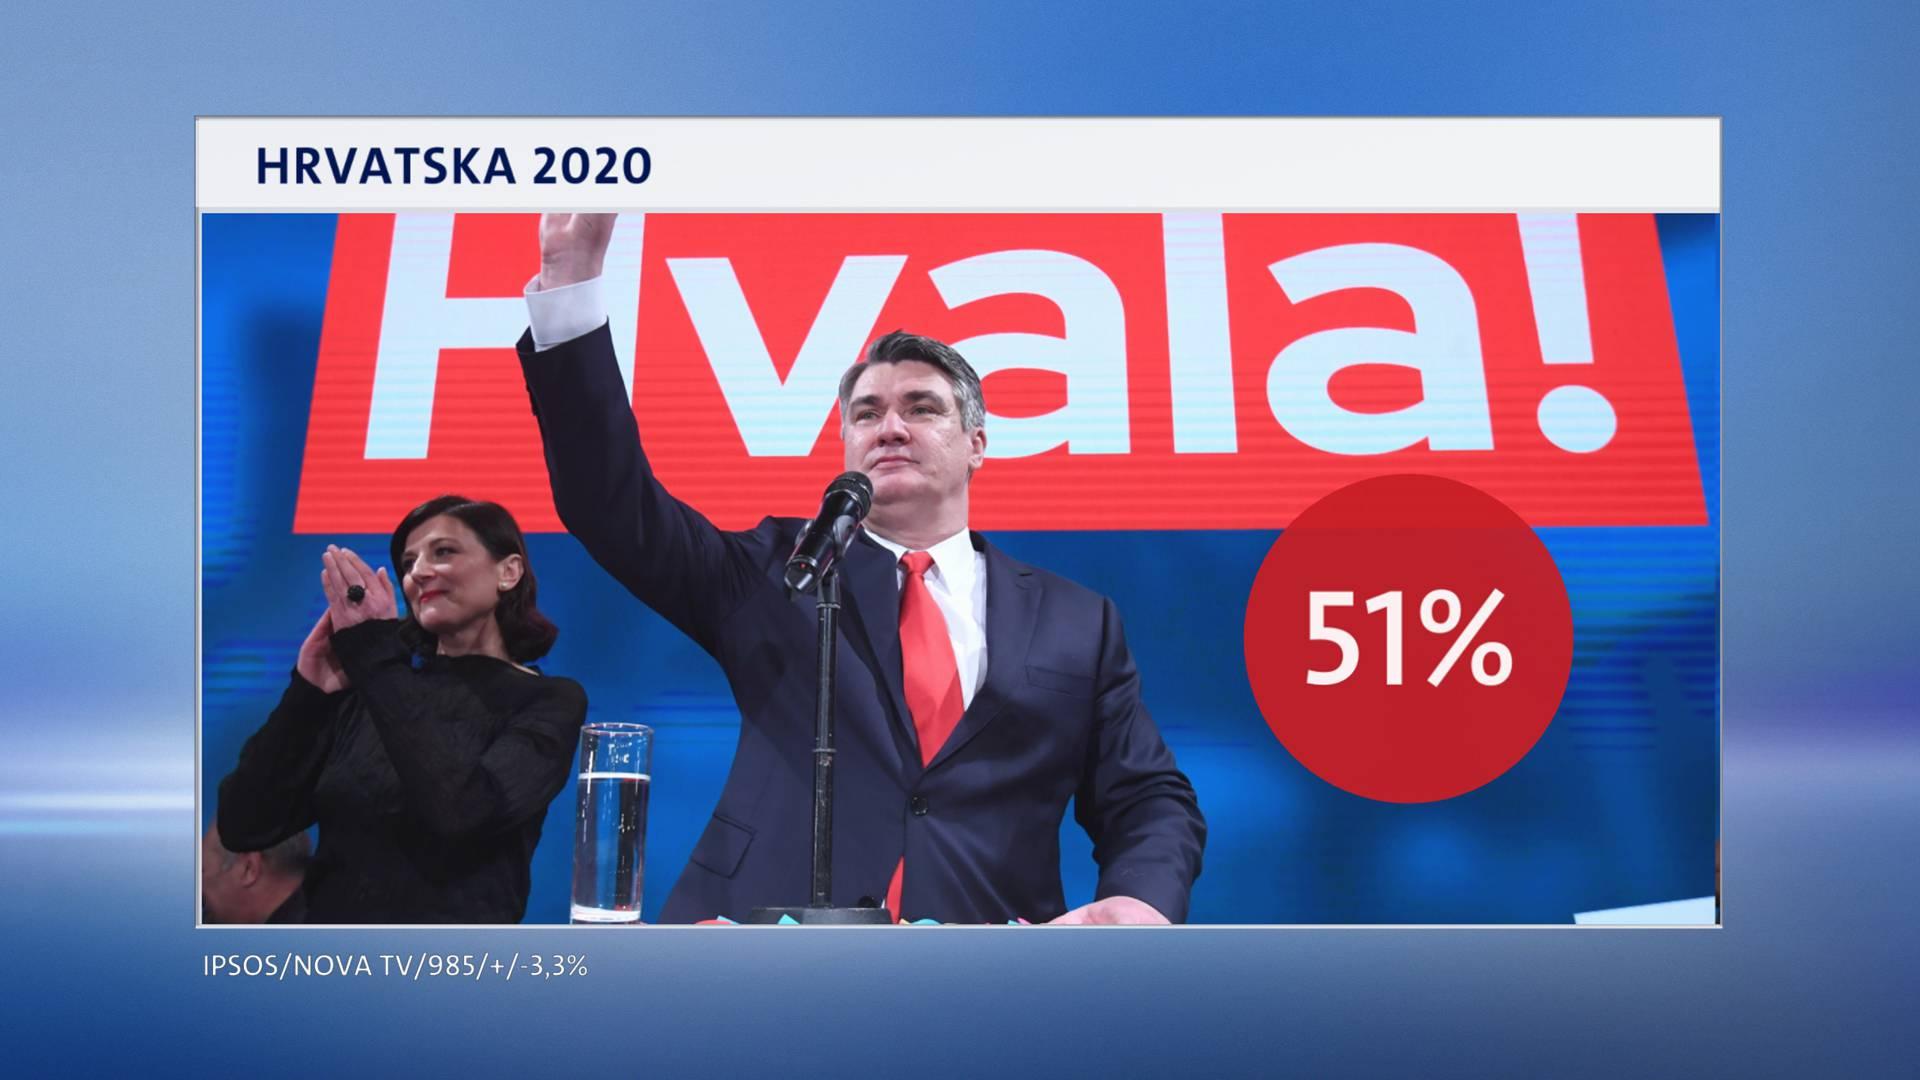 Od Milanovića ne očekuju puno, ali je za građane najpopularniji